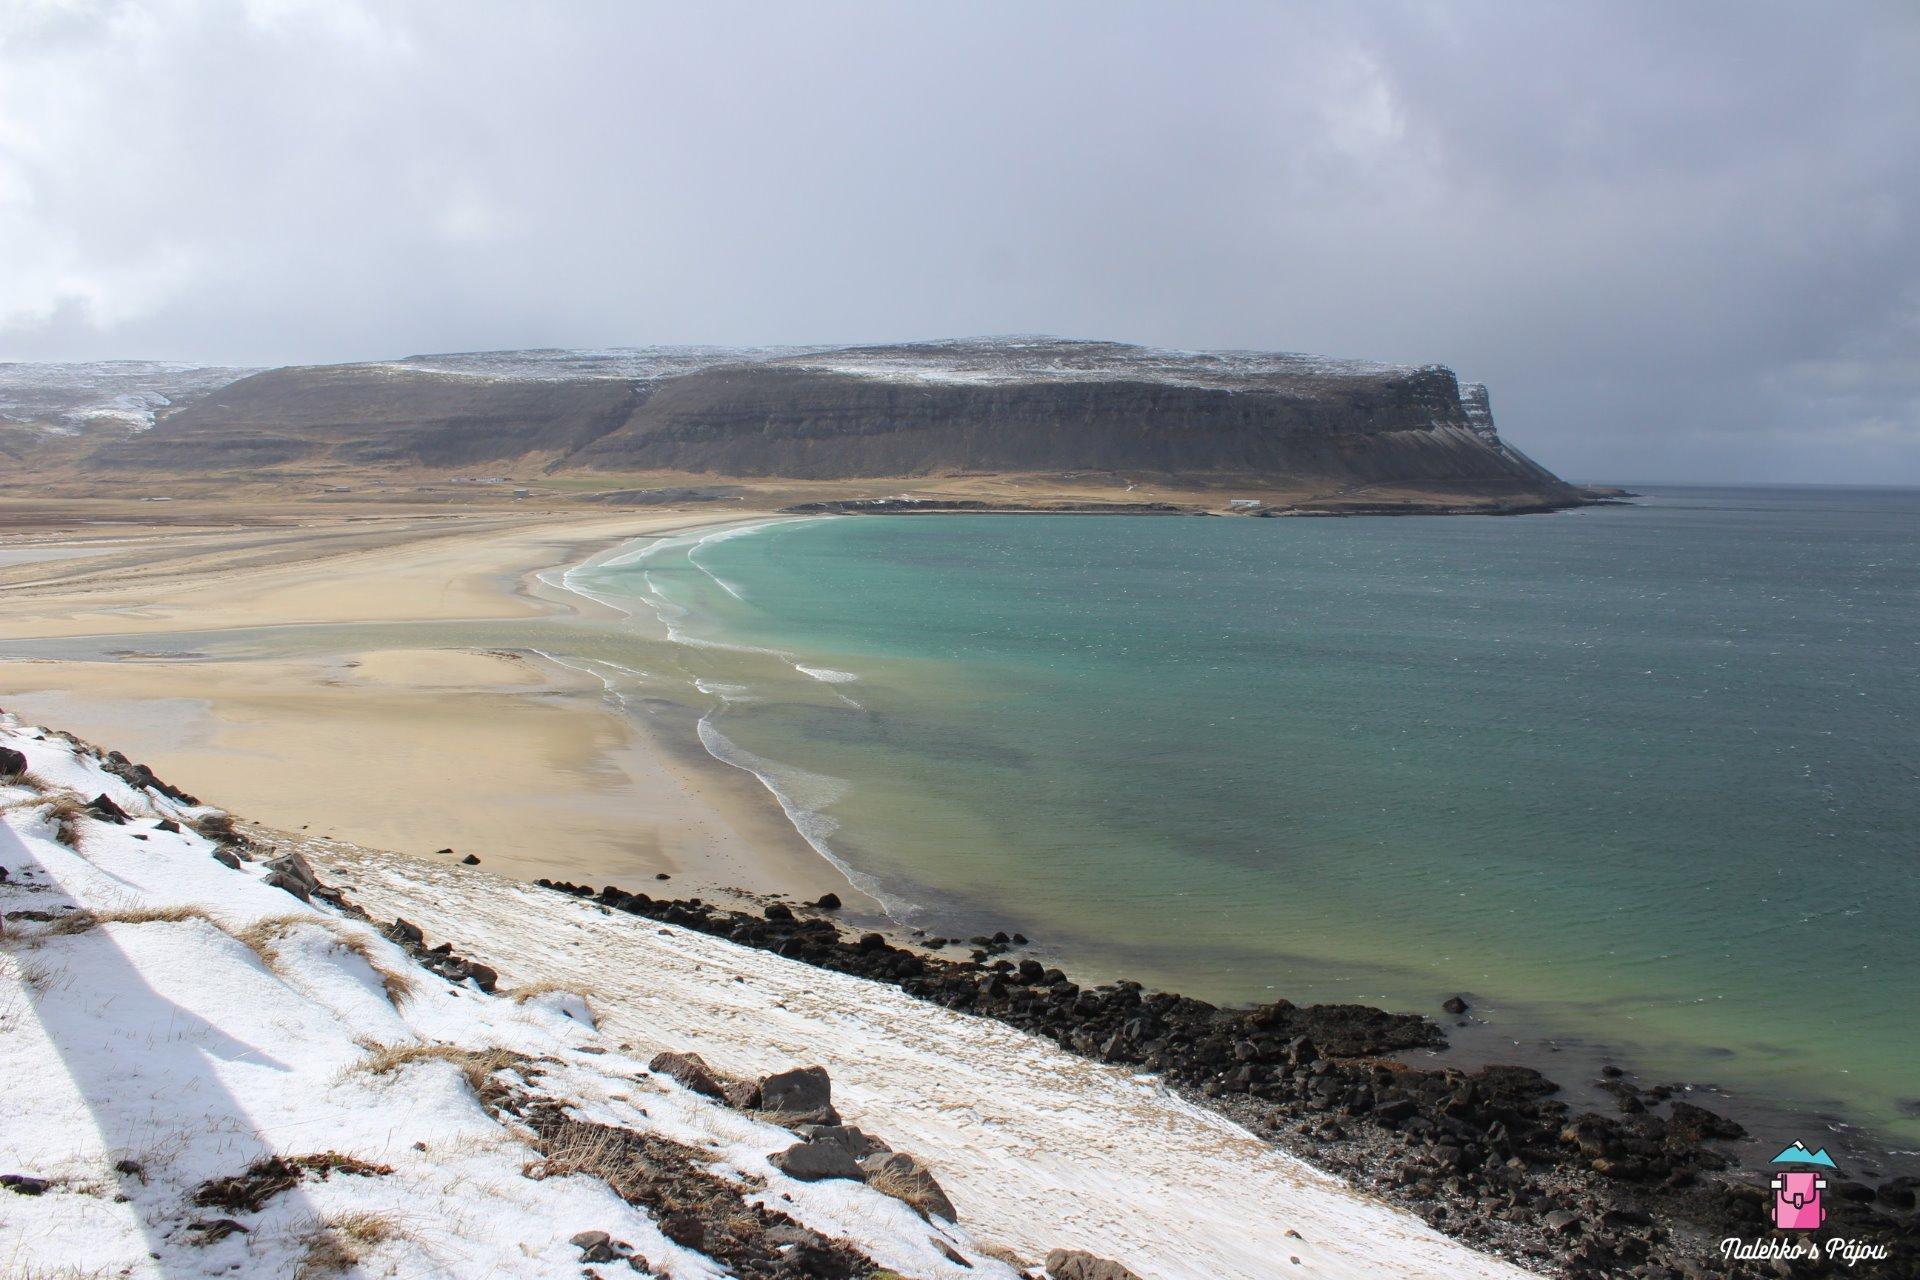 Raudisandur Beach